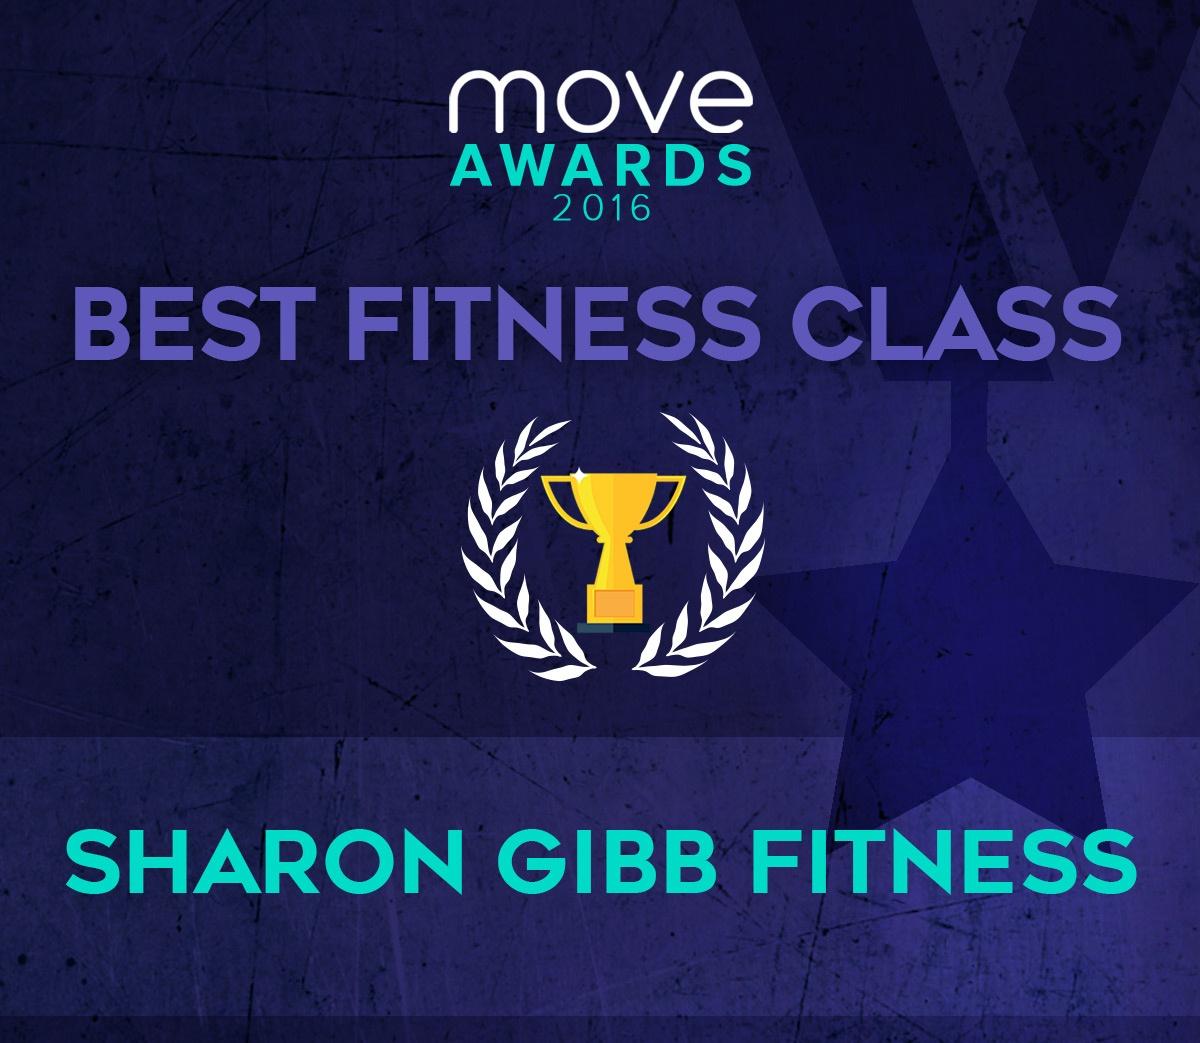 Best-Fitness-Class-Glasgow.jpg